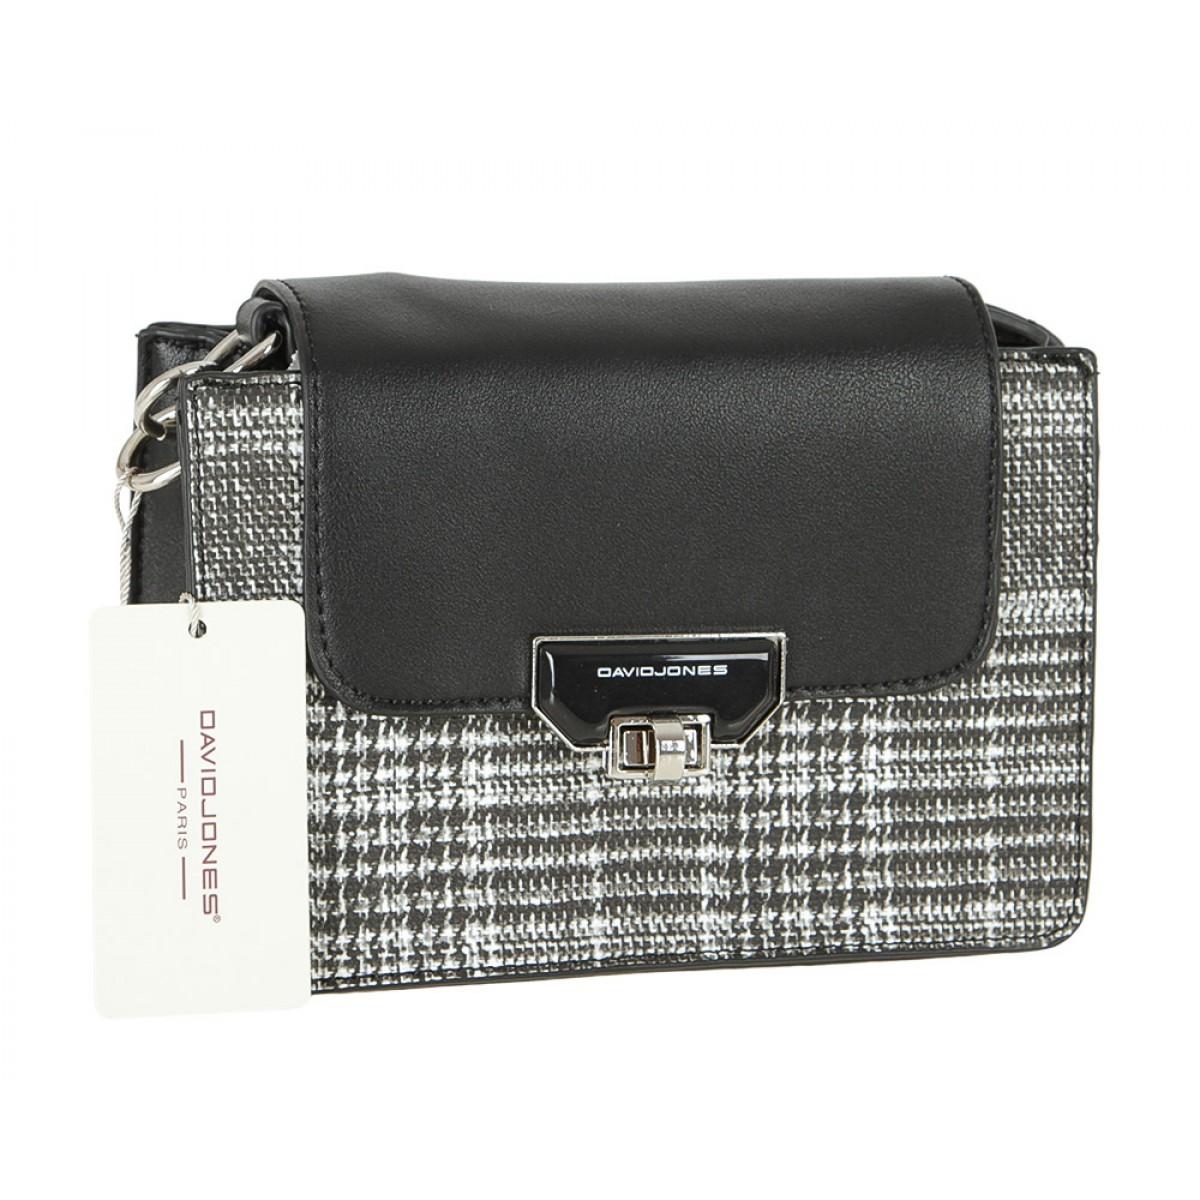 Жіноча сумка David Jones 5860-1 BLACK